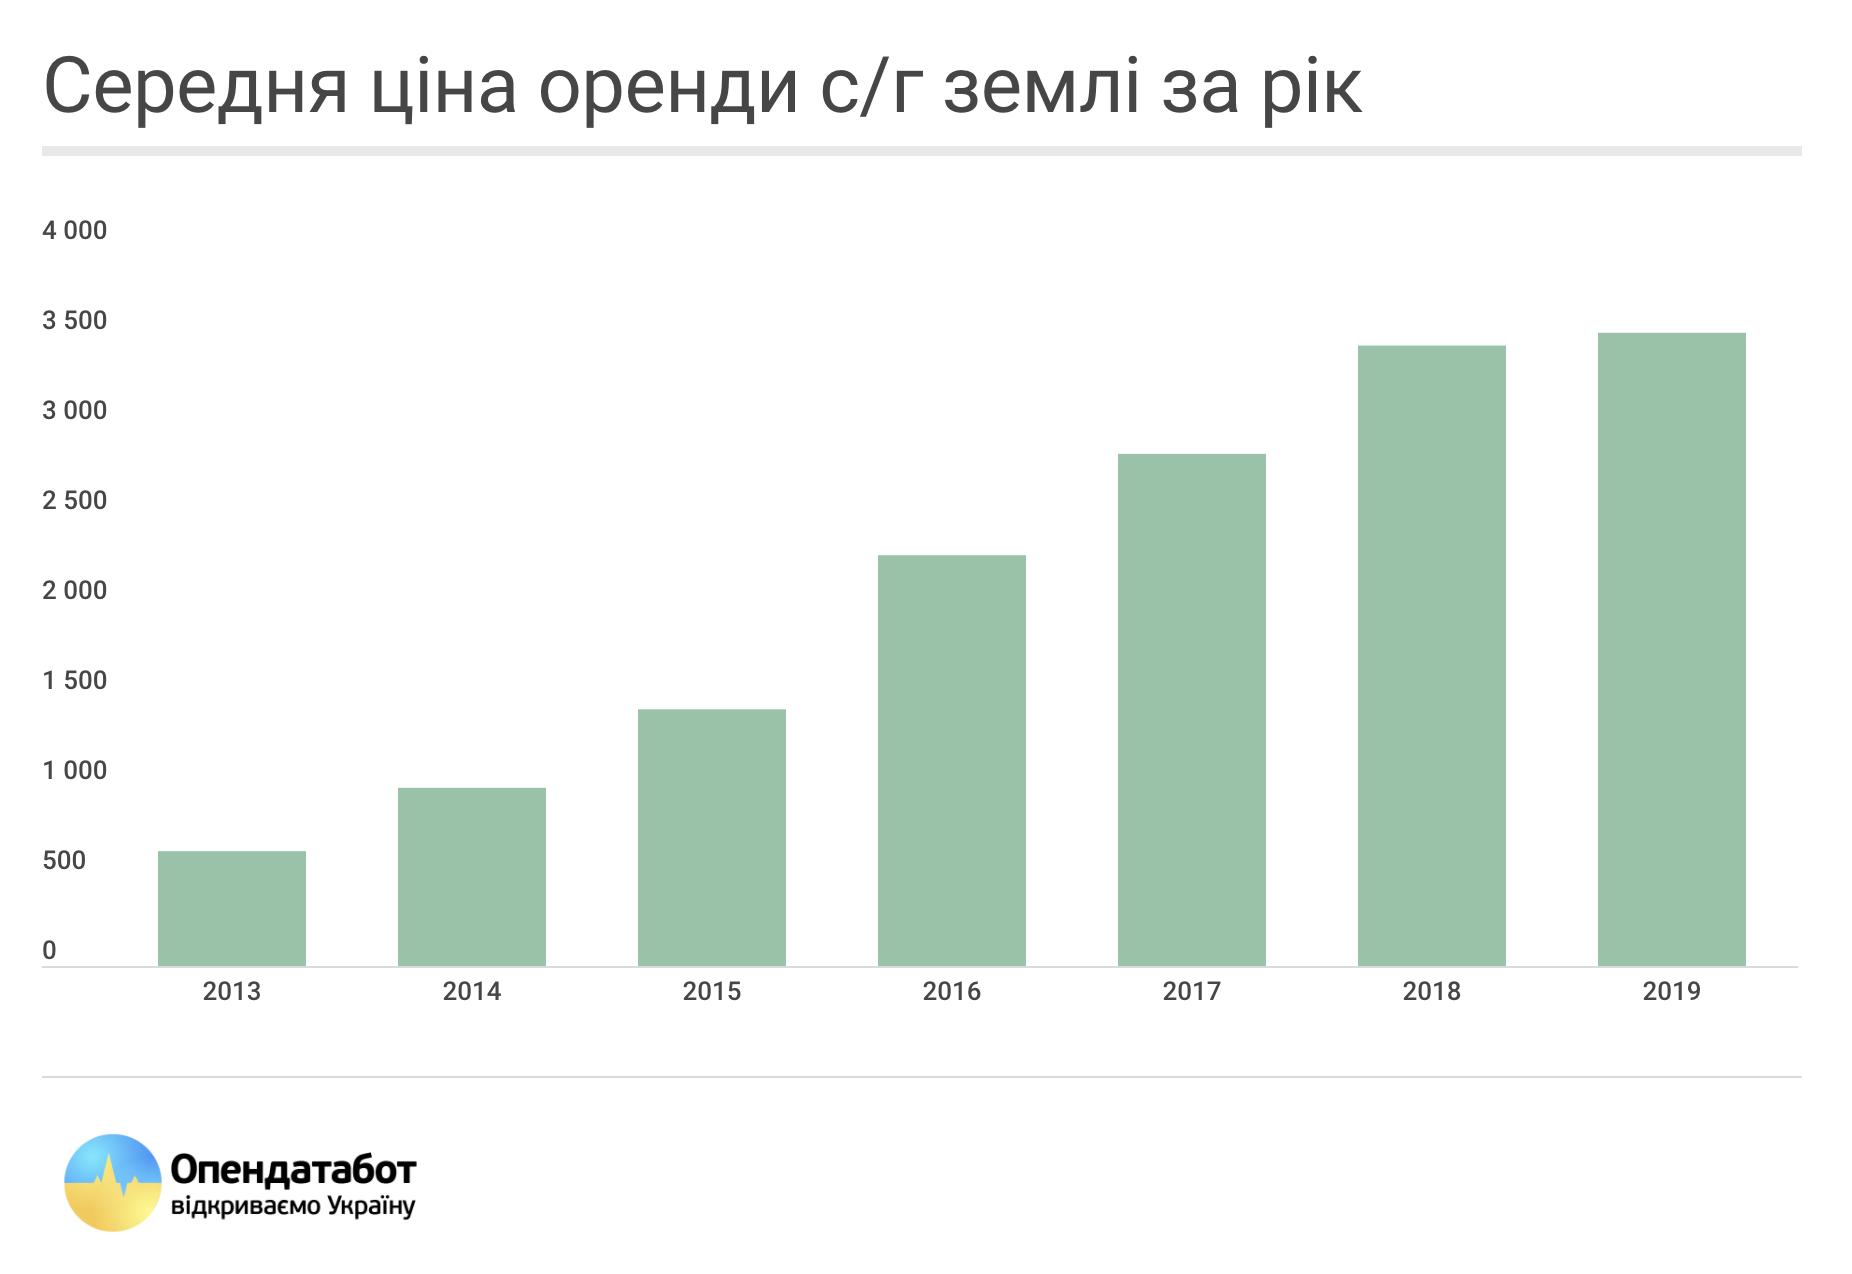 Средняя цена аренды с/г земли за год